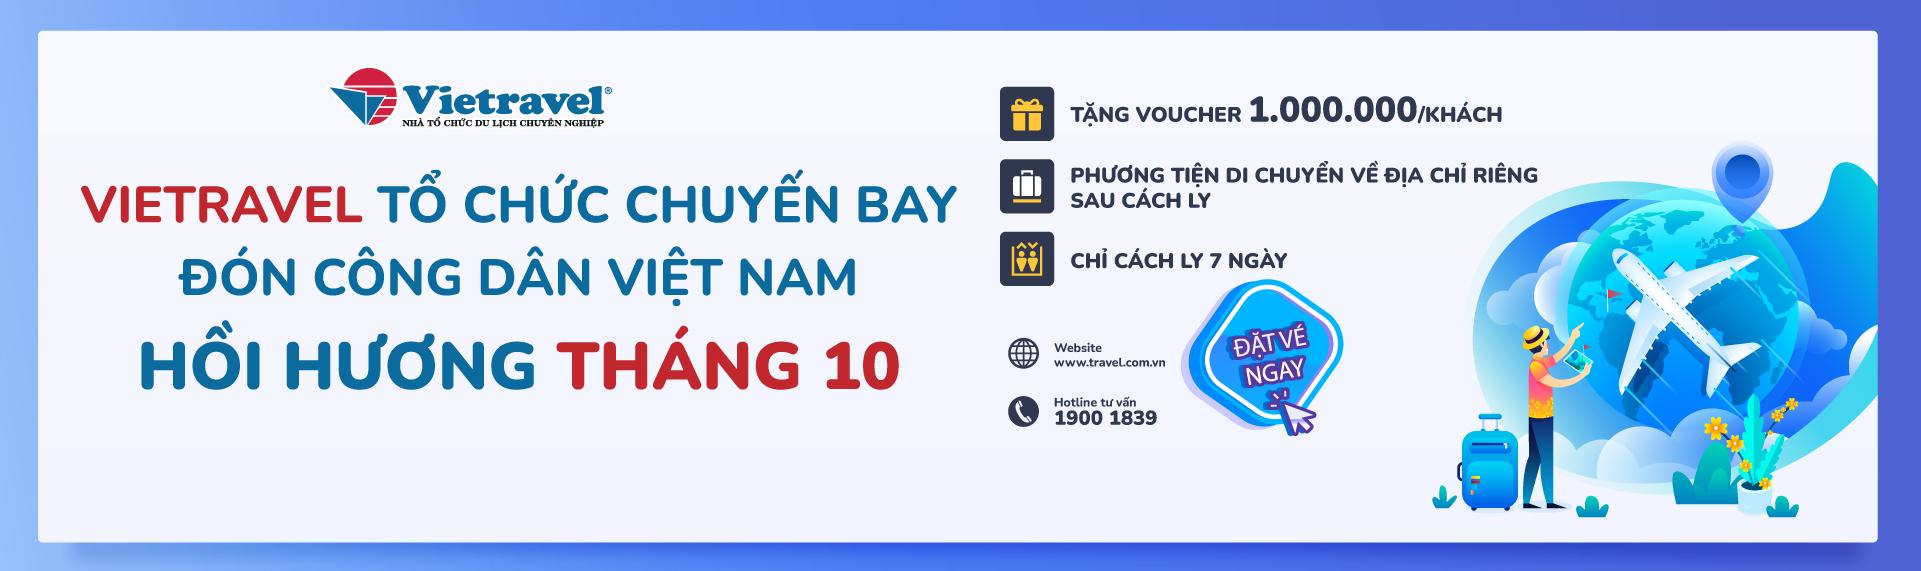 Vietravel tổ chức chuyến bay hồi hương cho công dân Việt về nước tháng 10